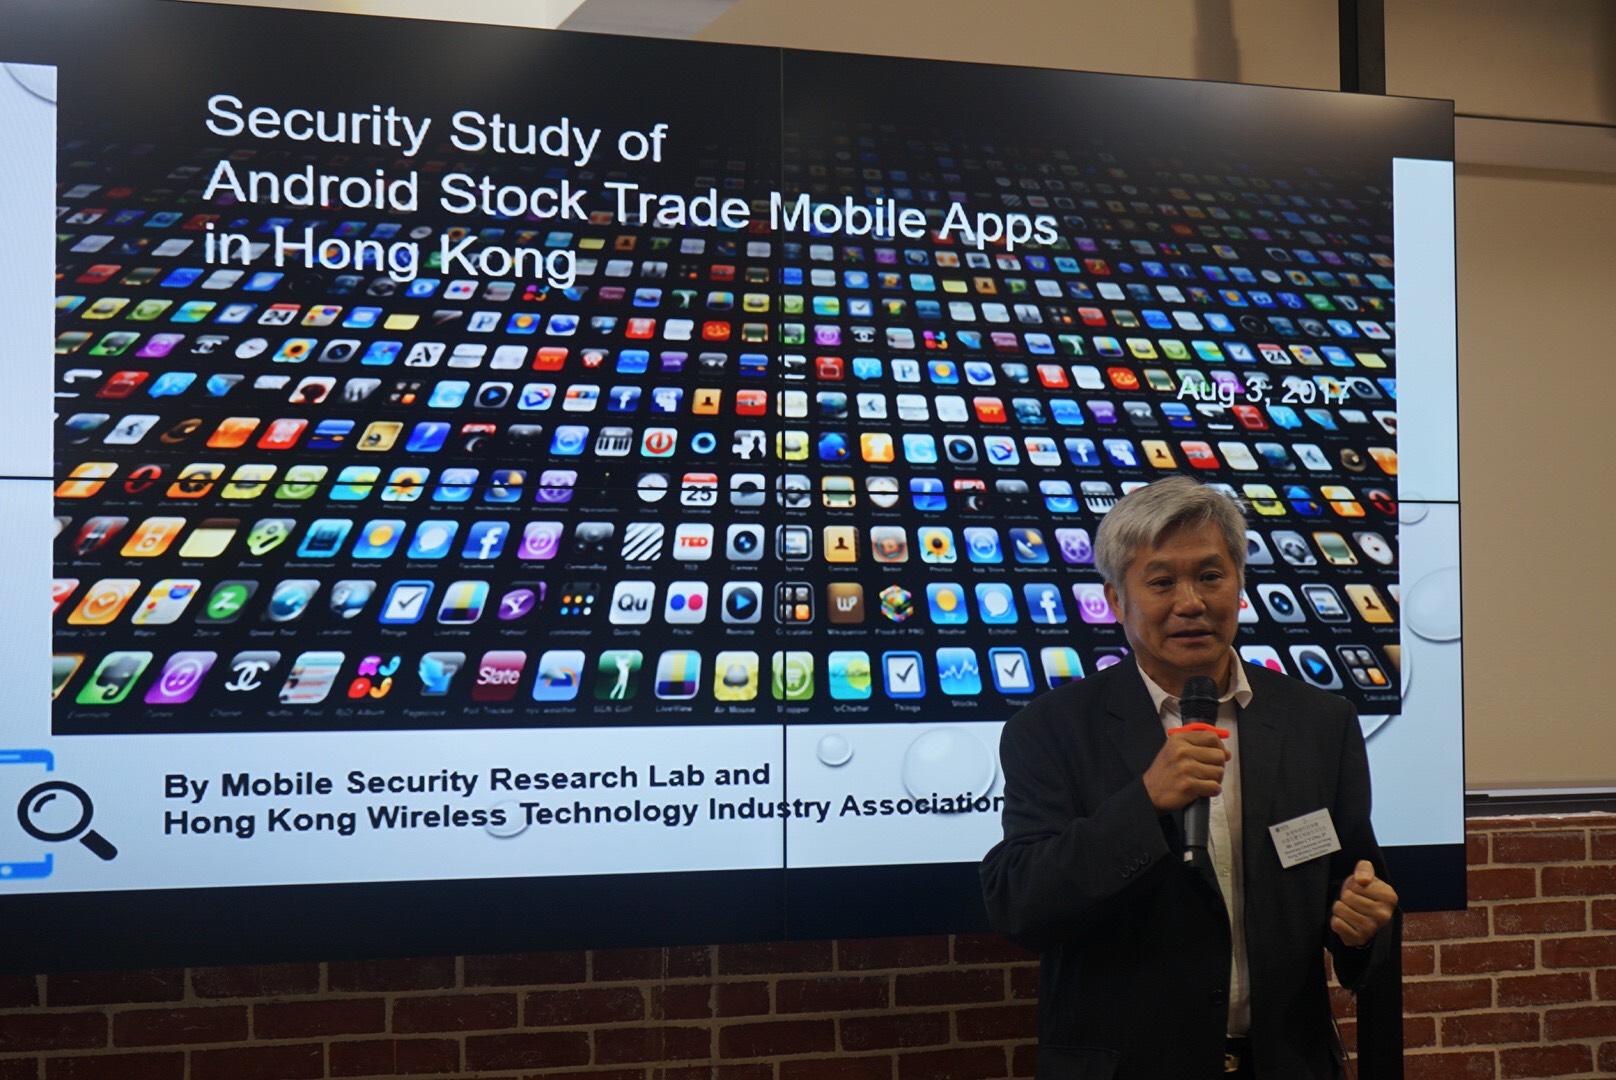 John Chiu, honorary chairman of WTIA